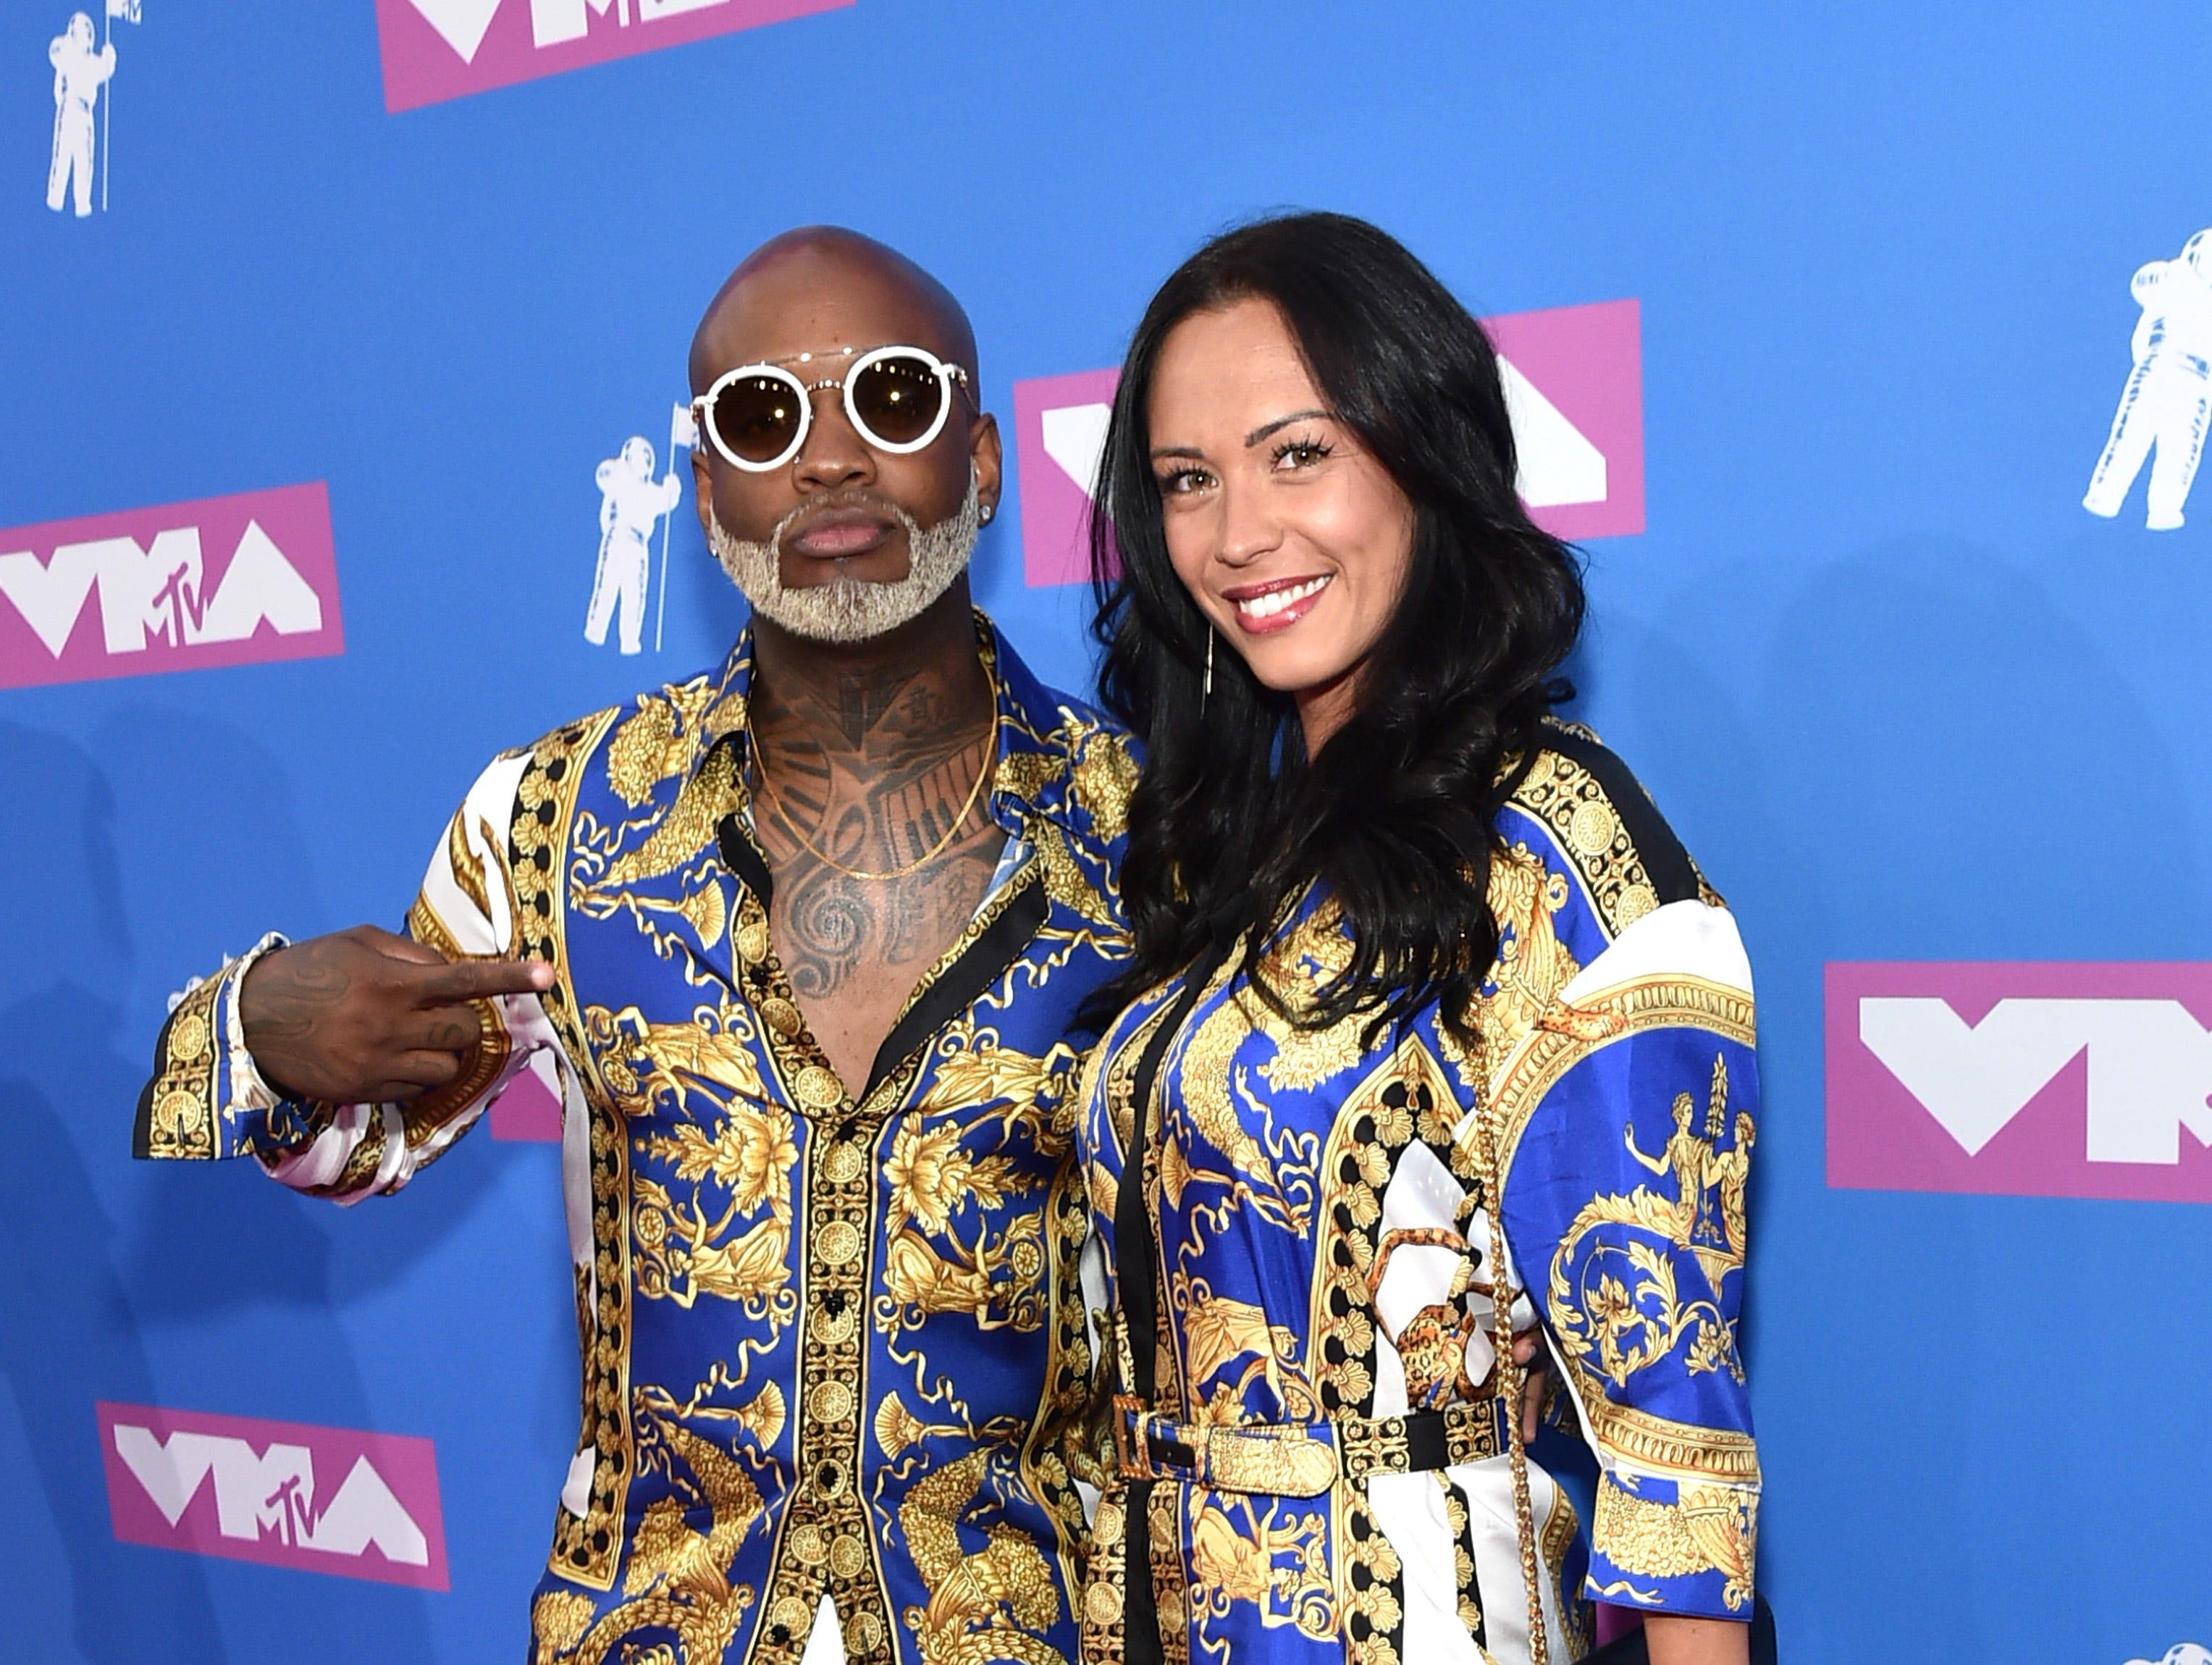 Willy William (izq)y una invitada asisten a los MTV Video Music Awards 2018 en el Radio City Music Hall el 20 de agosto de 2018 en la ciudad de Nueva York.